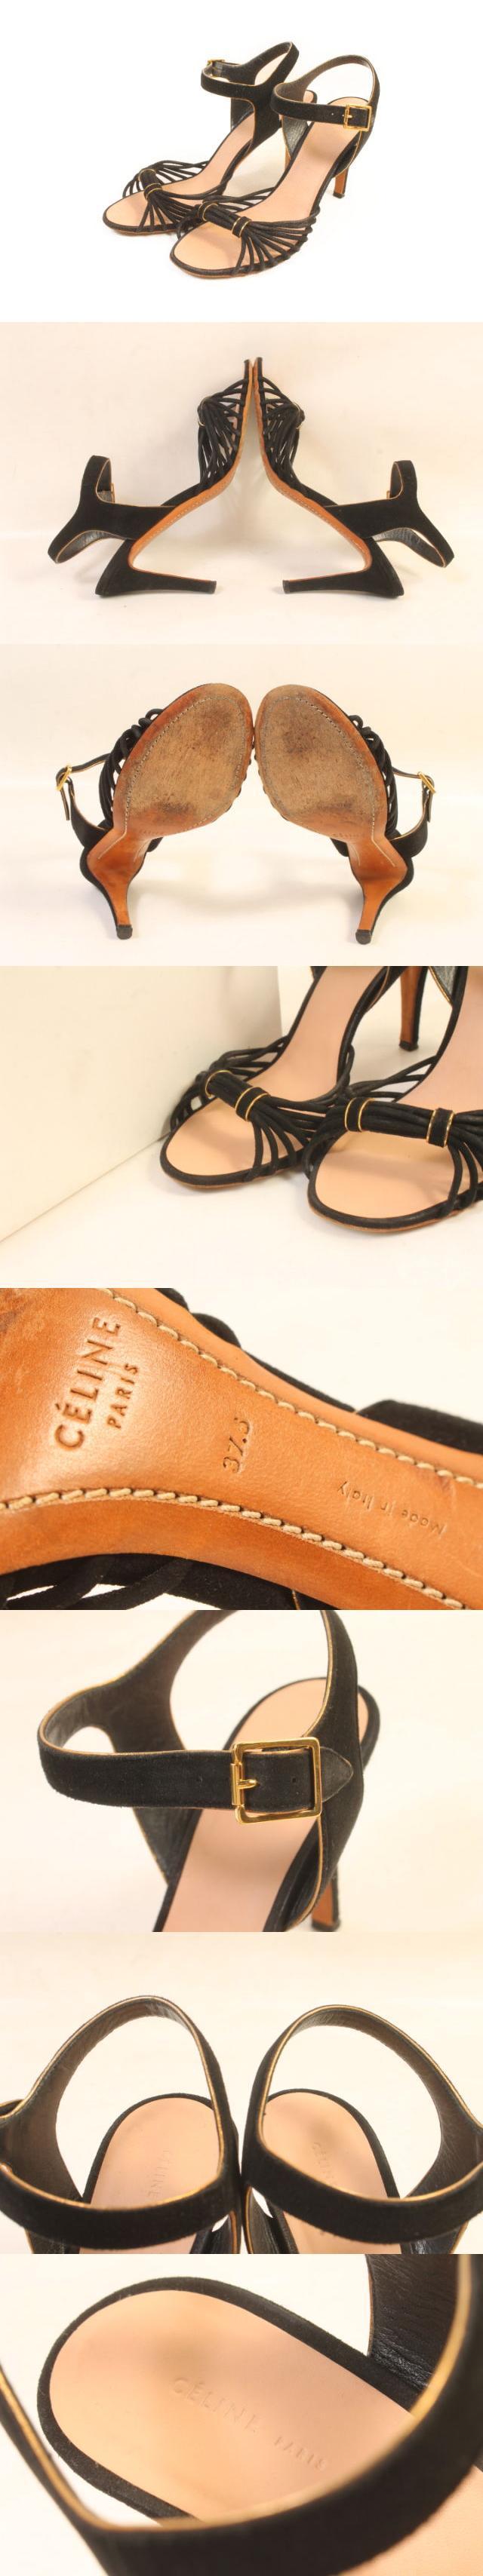 靴 サンダル ストラップ 37.5 黒 ブラック /sa0521